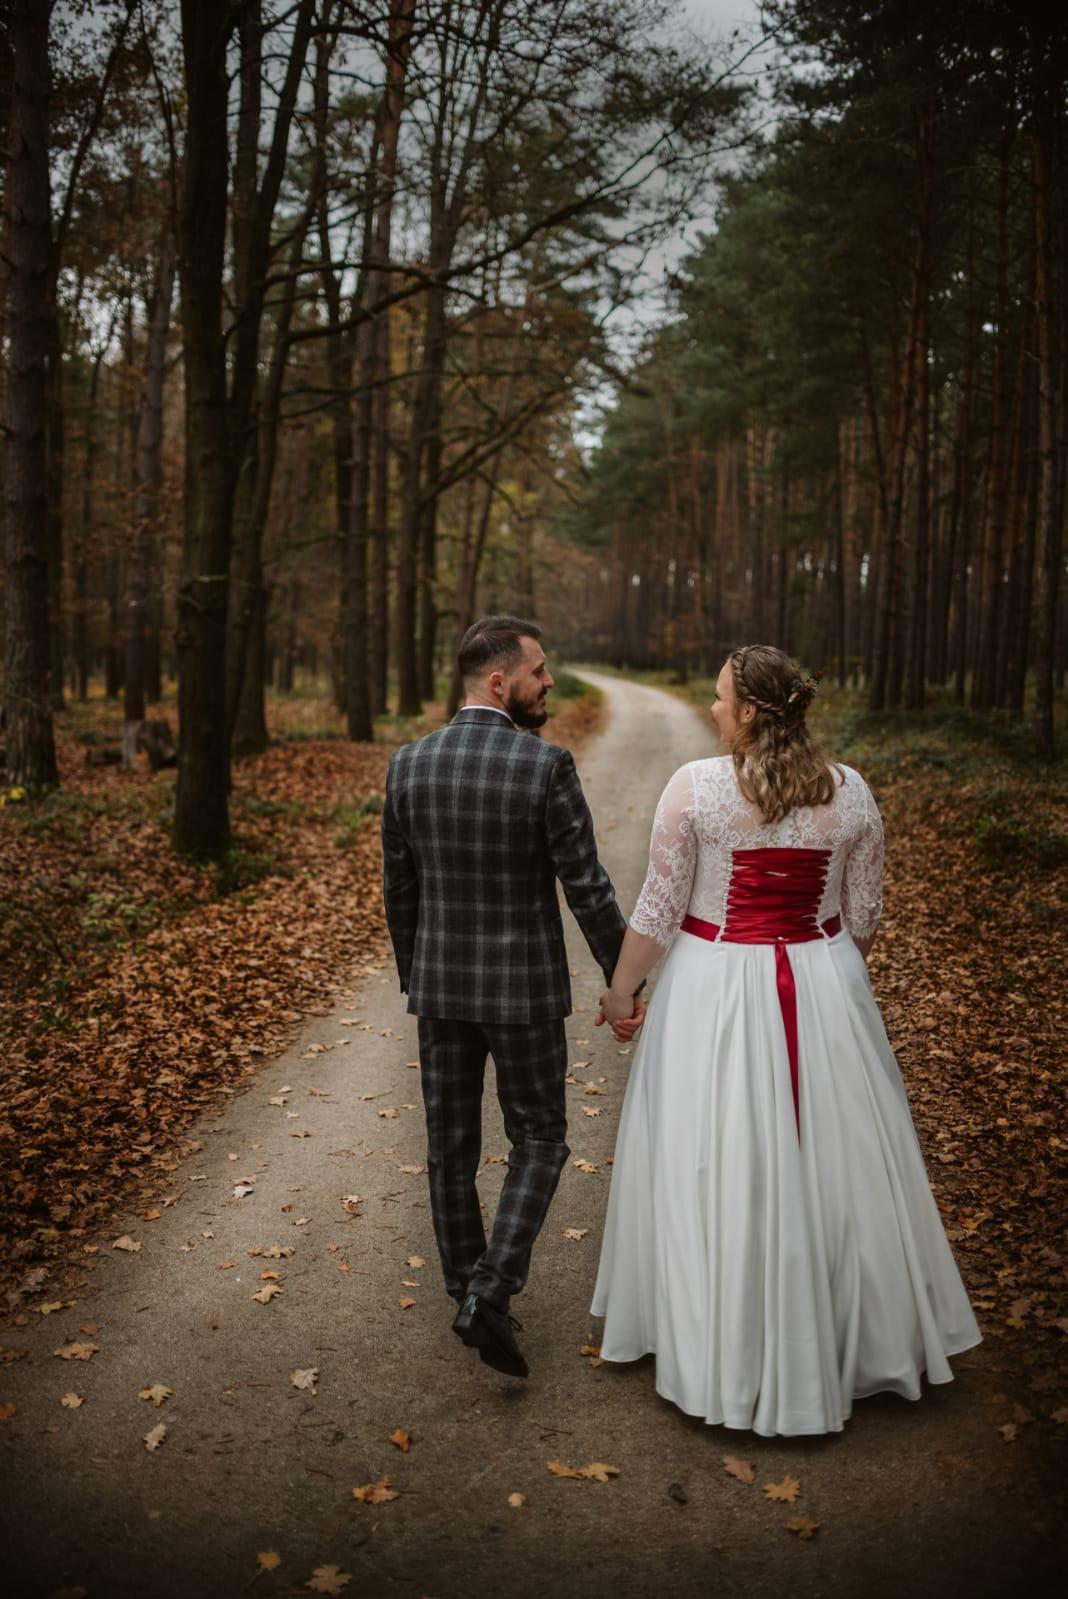 Predaj svadobných šiat - Obrázok č. 1